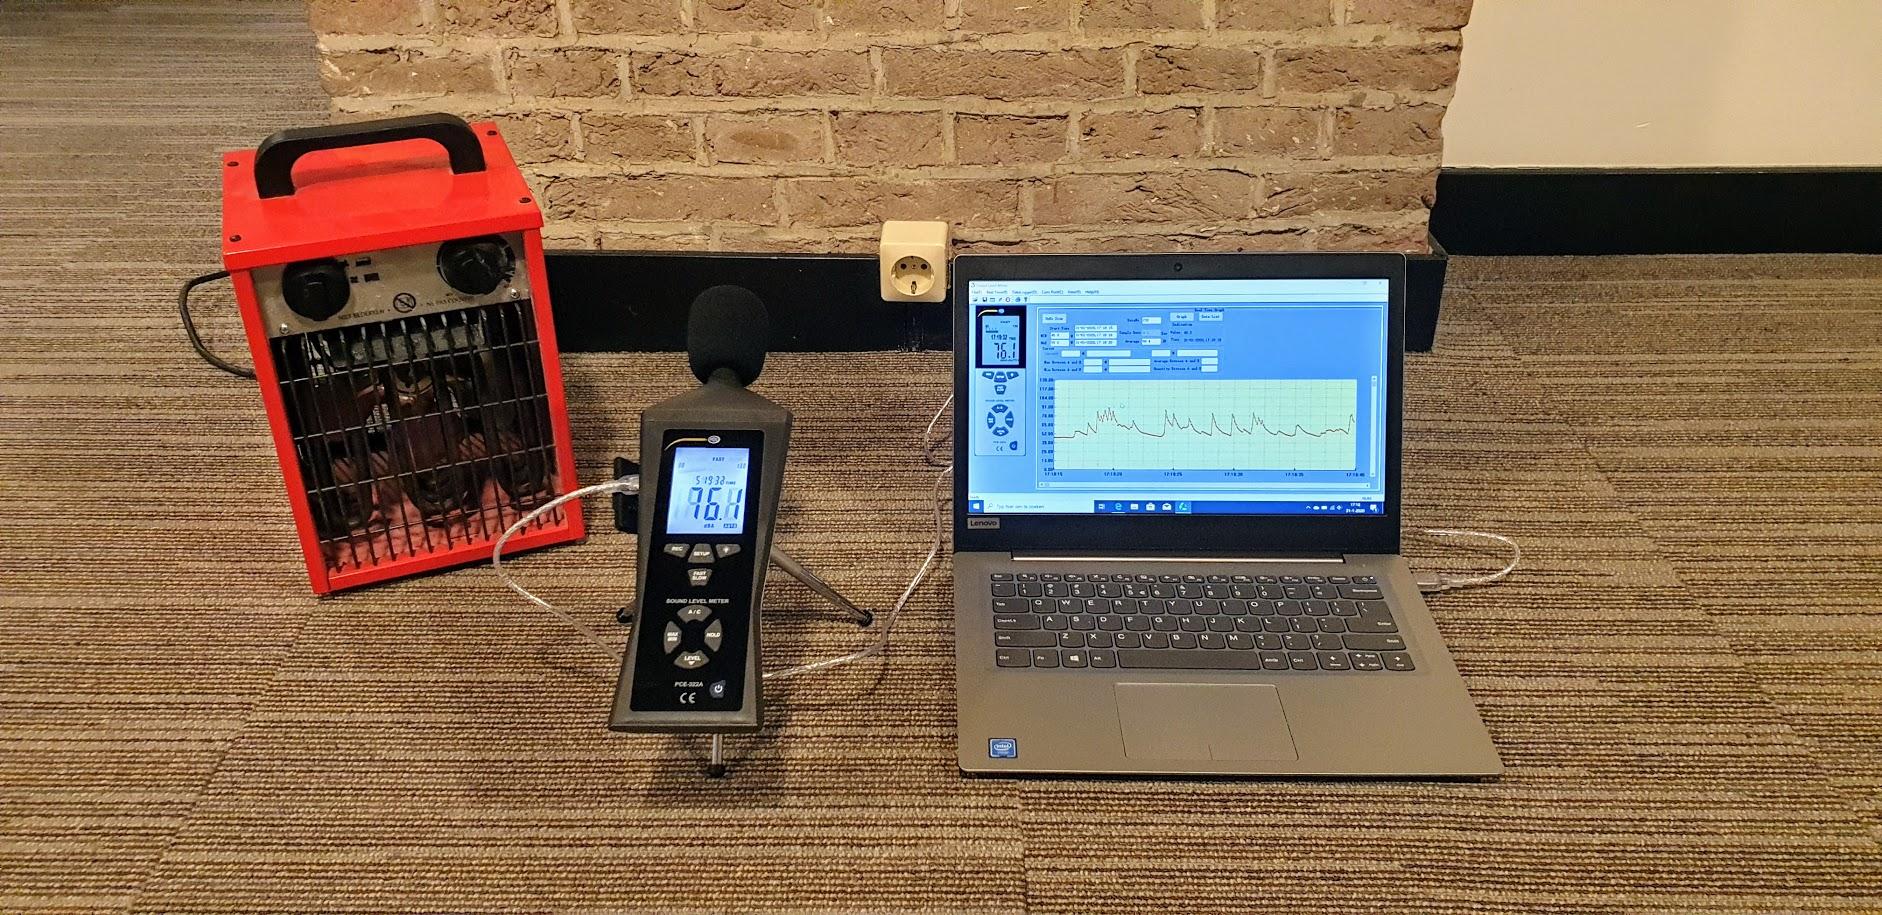 Decibelmeter voor geluidsmeting door bewijsrapportage